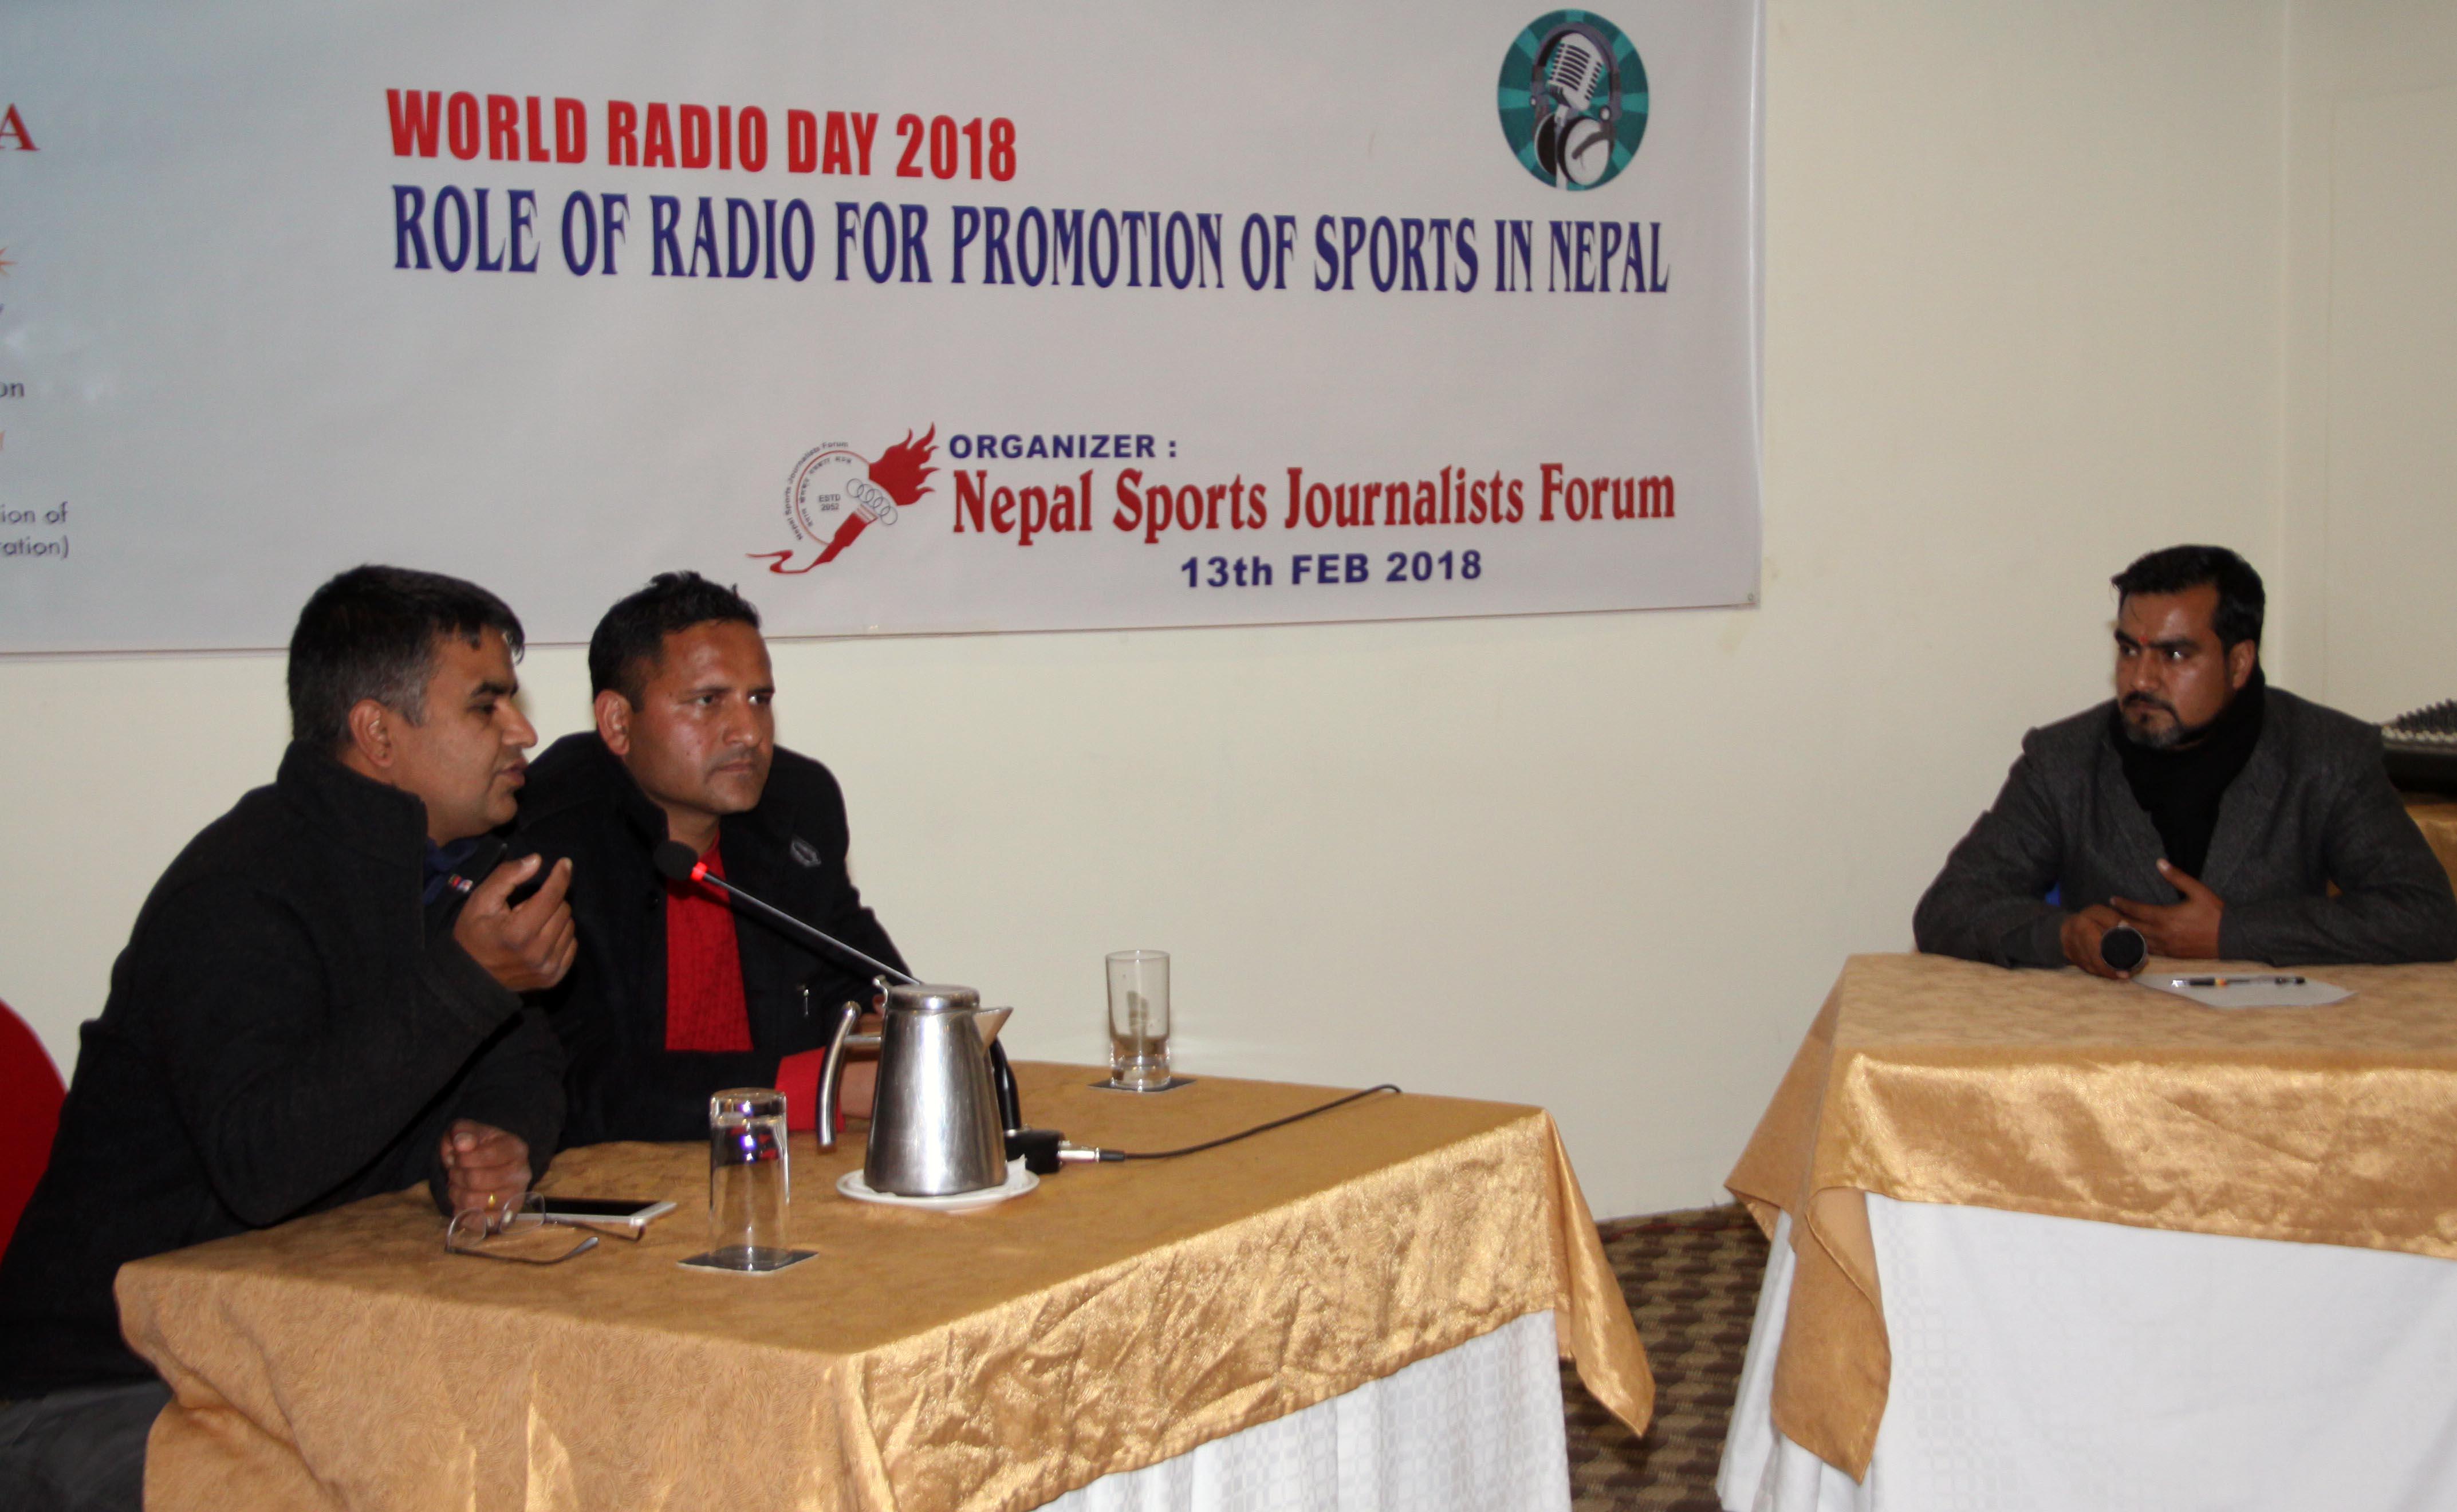 'राम्रो विषयवस्तु उठान गर्न नसक्दा रेडियोका श्रोता घटे'